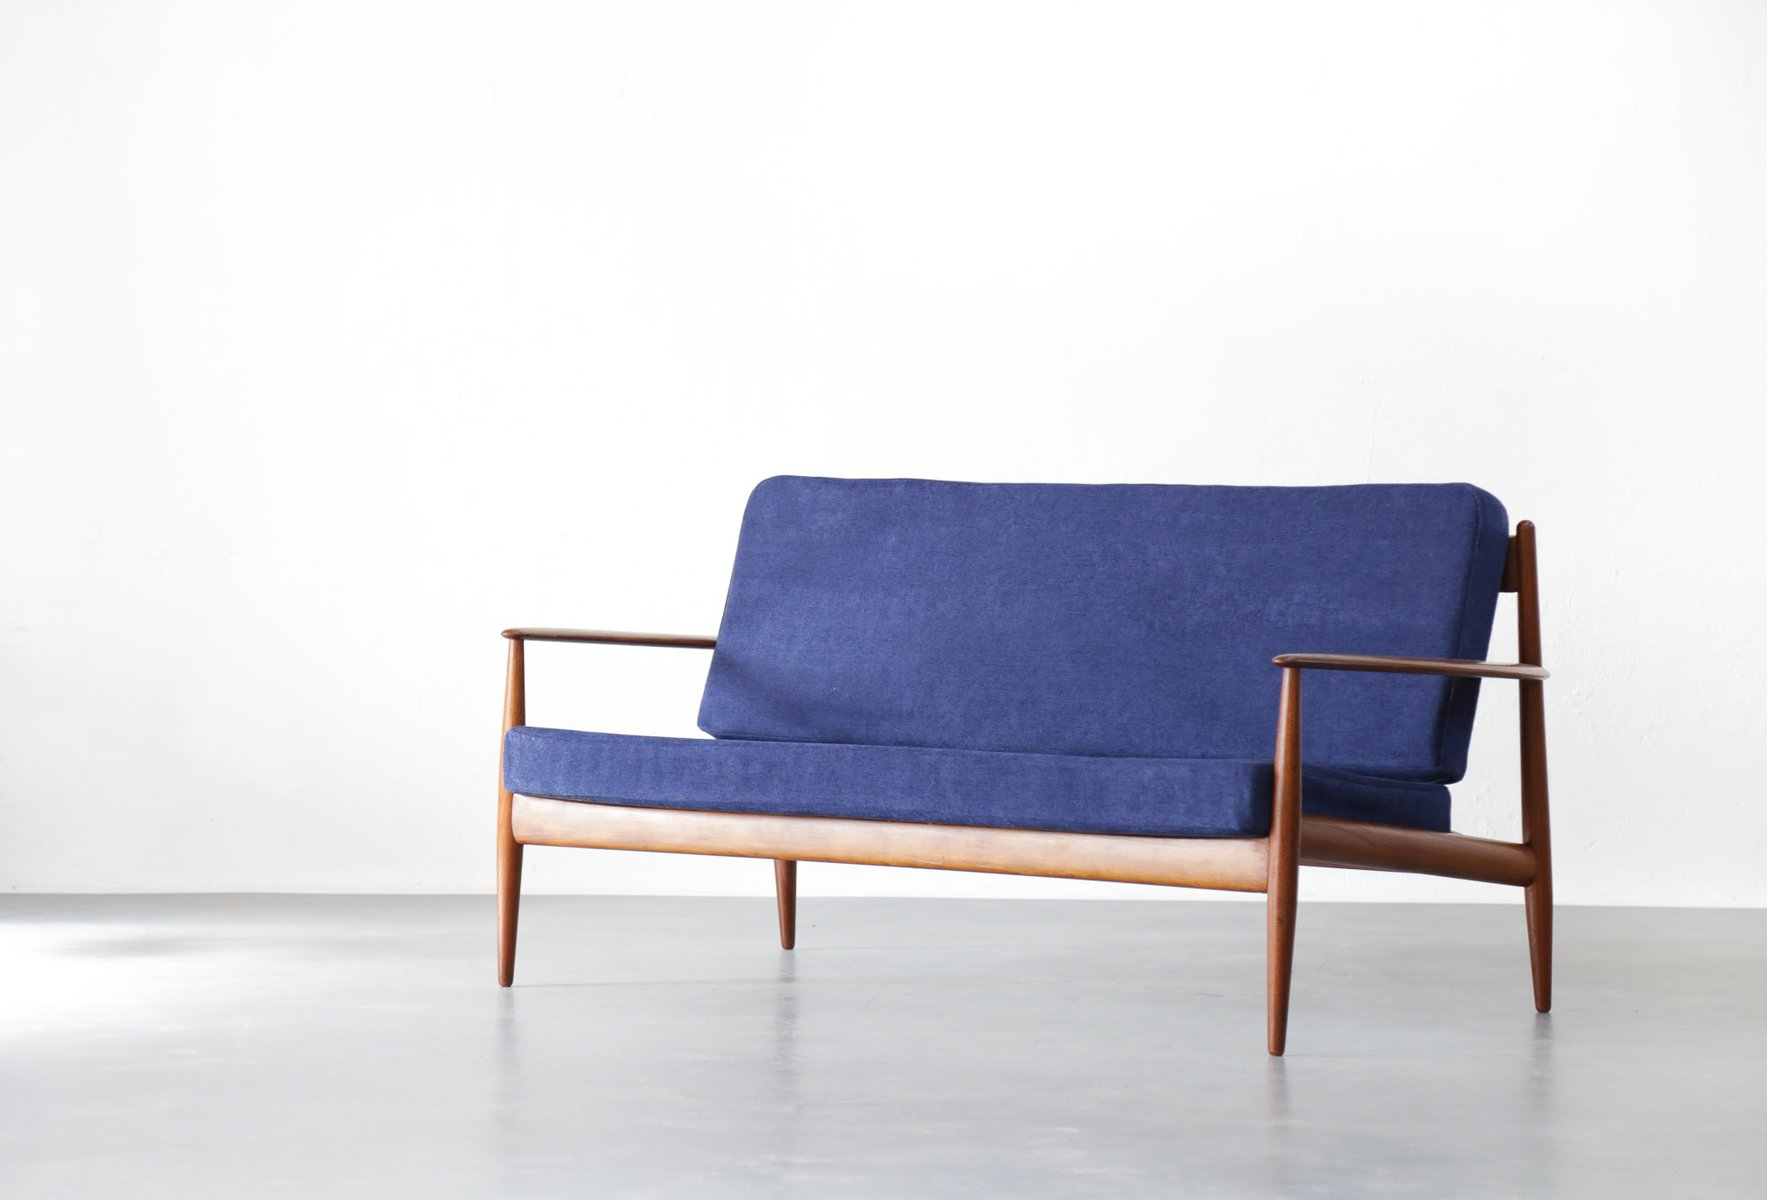 Danish Teak Sofa By Grete Jalk For France Søn